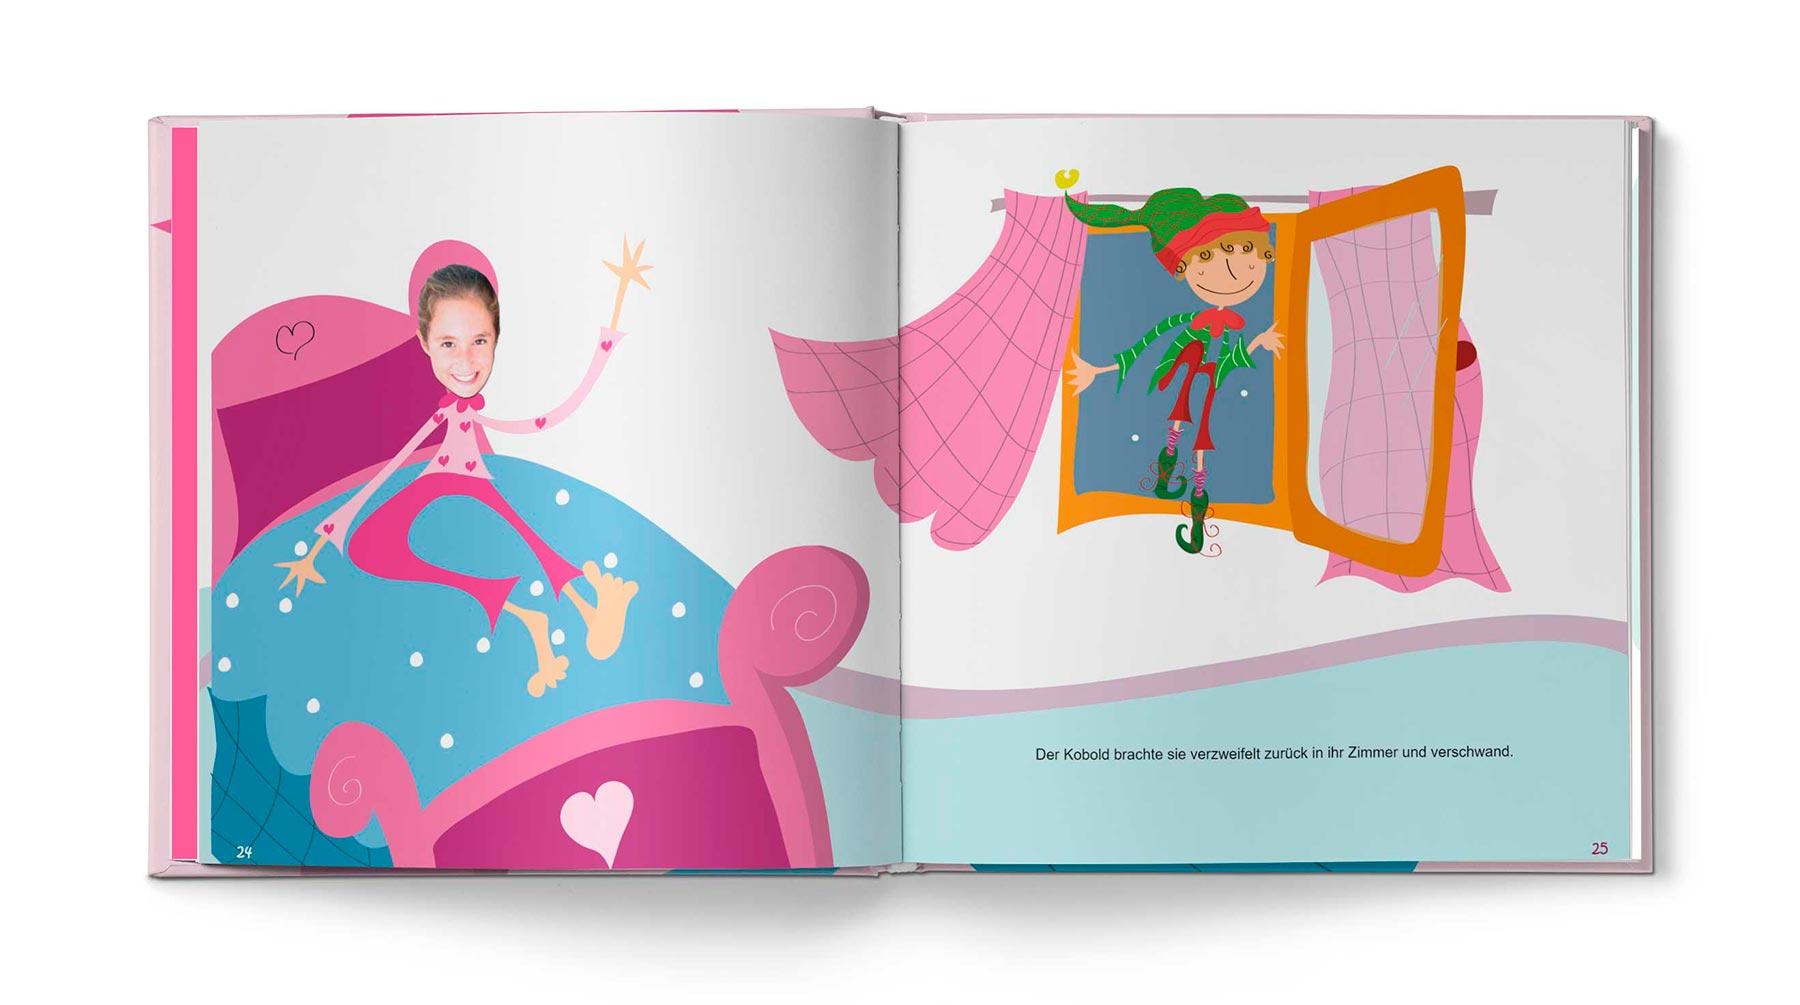 Geschichte Die Prinzessin und das Pflaster - Bild 12